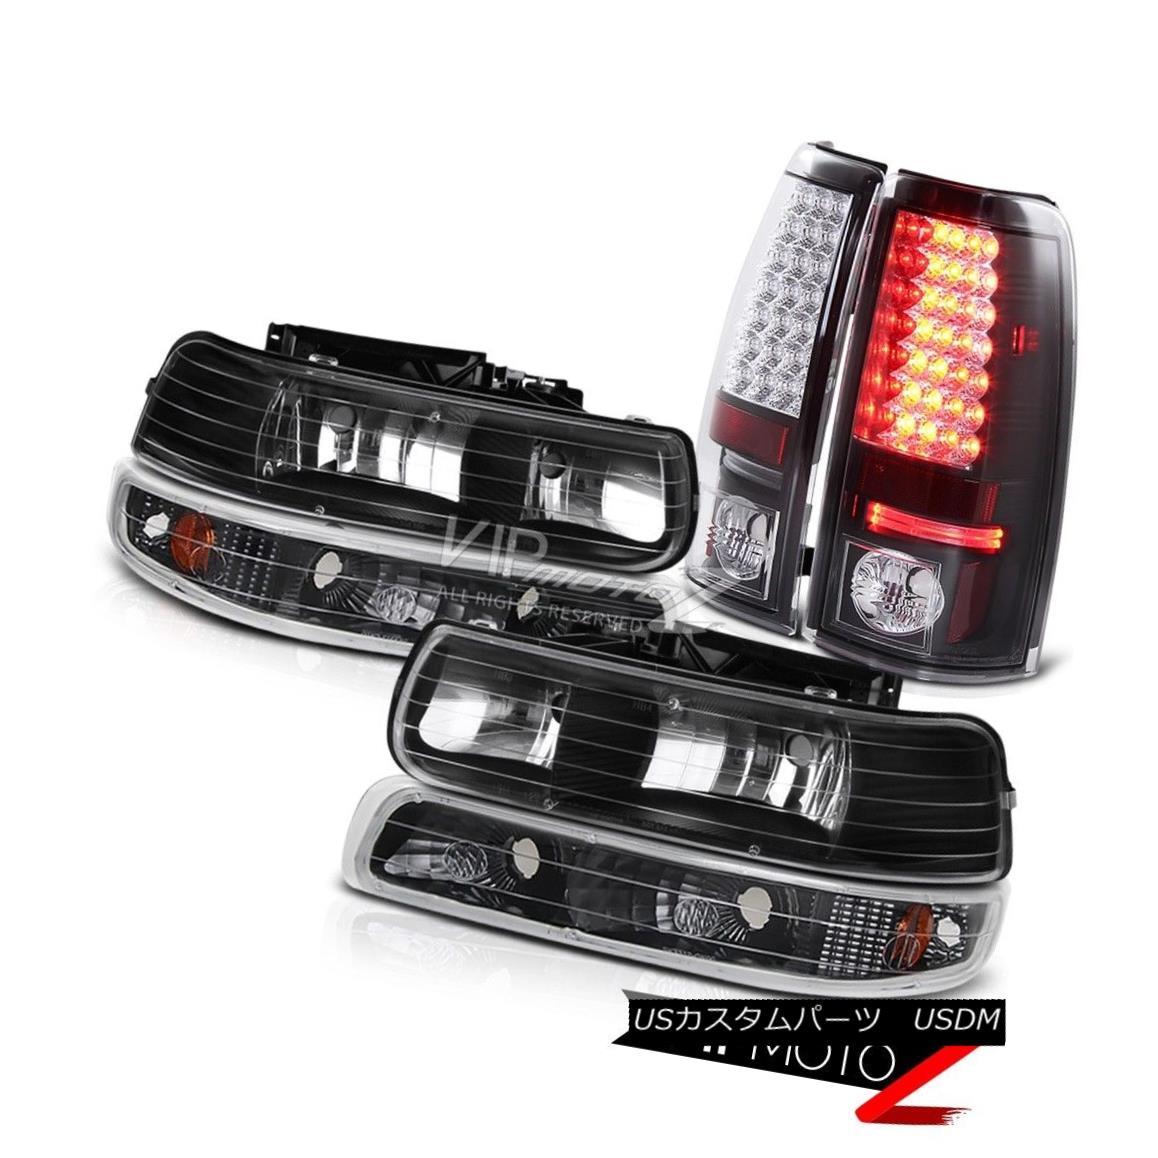 テールライト 99-02 Silverado Standard Extended Crew Black Bumper Headlight LED Rear Tail Lamp 99-02 Silverado標準拡張クルーブラックバンパーヘッドライトLEDリアテールランプ